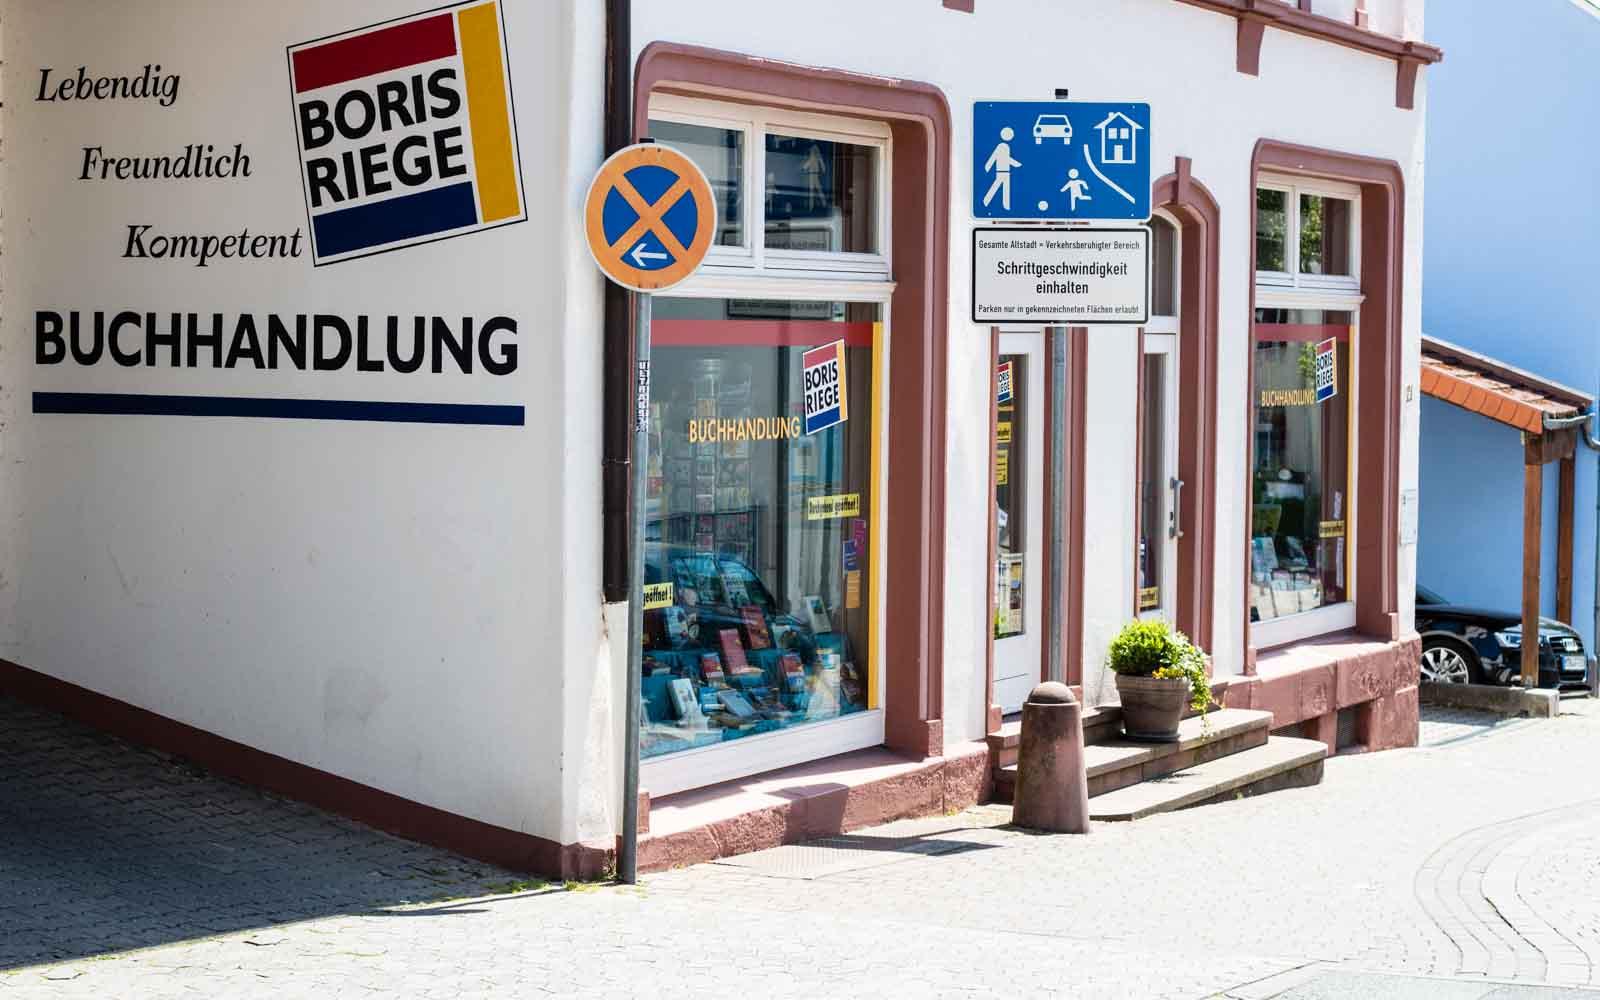 Buchhandlung Boris Riege - Wenn Sie gerne lesen, gut beraten werden möchten und ein tolles Einkaufserlebnis haben möchten, dann sind Sie bei uns richtig. Wir sind die beste Adresse in Bad Soden und im Main-Taunus-Kreis für Ihr Lesevergnügen.